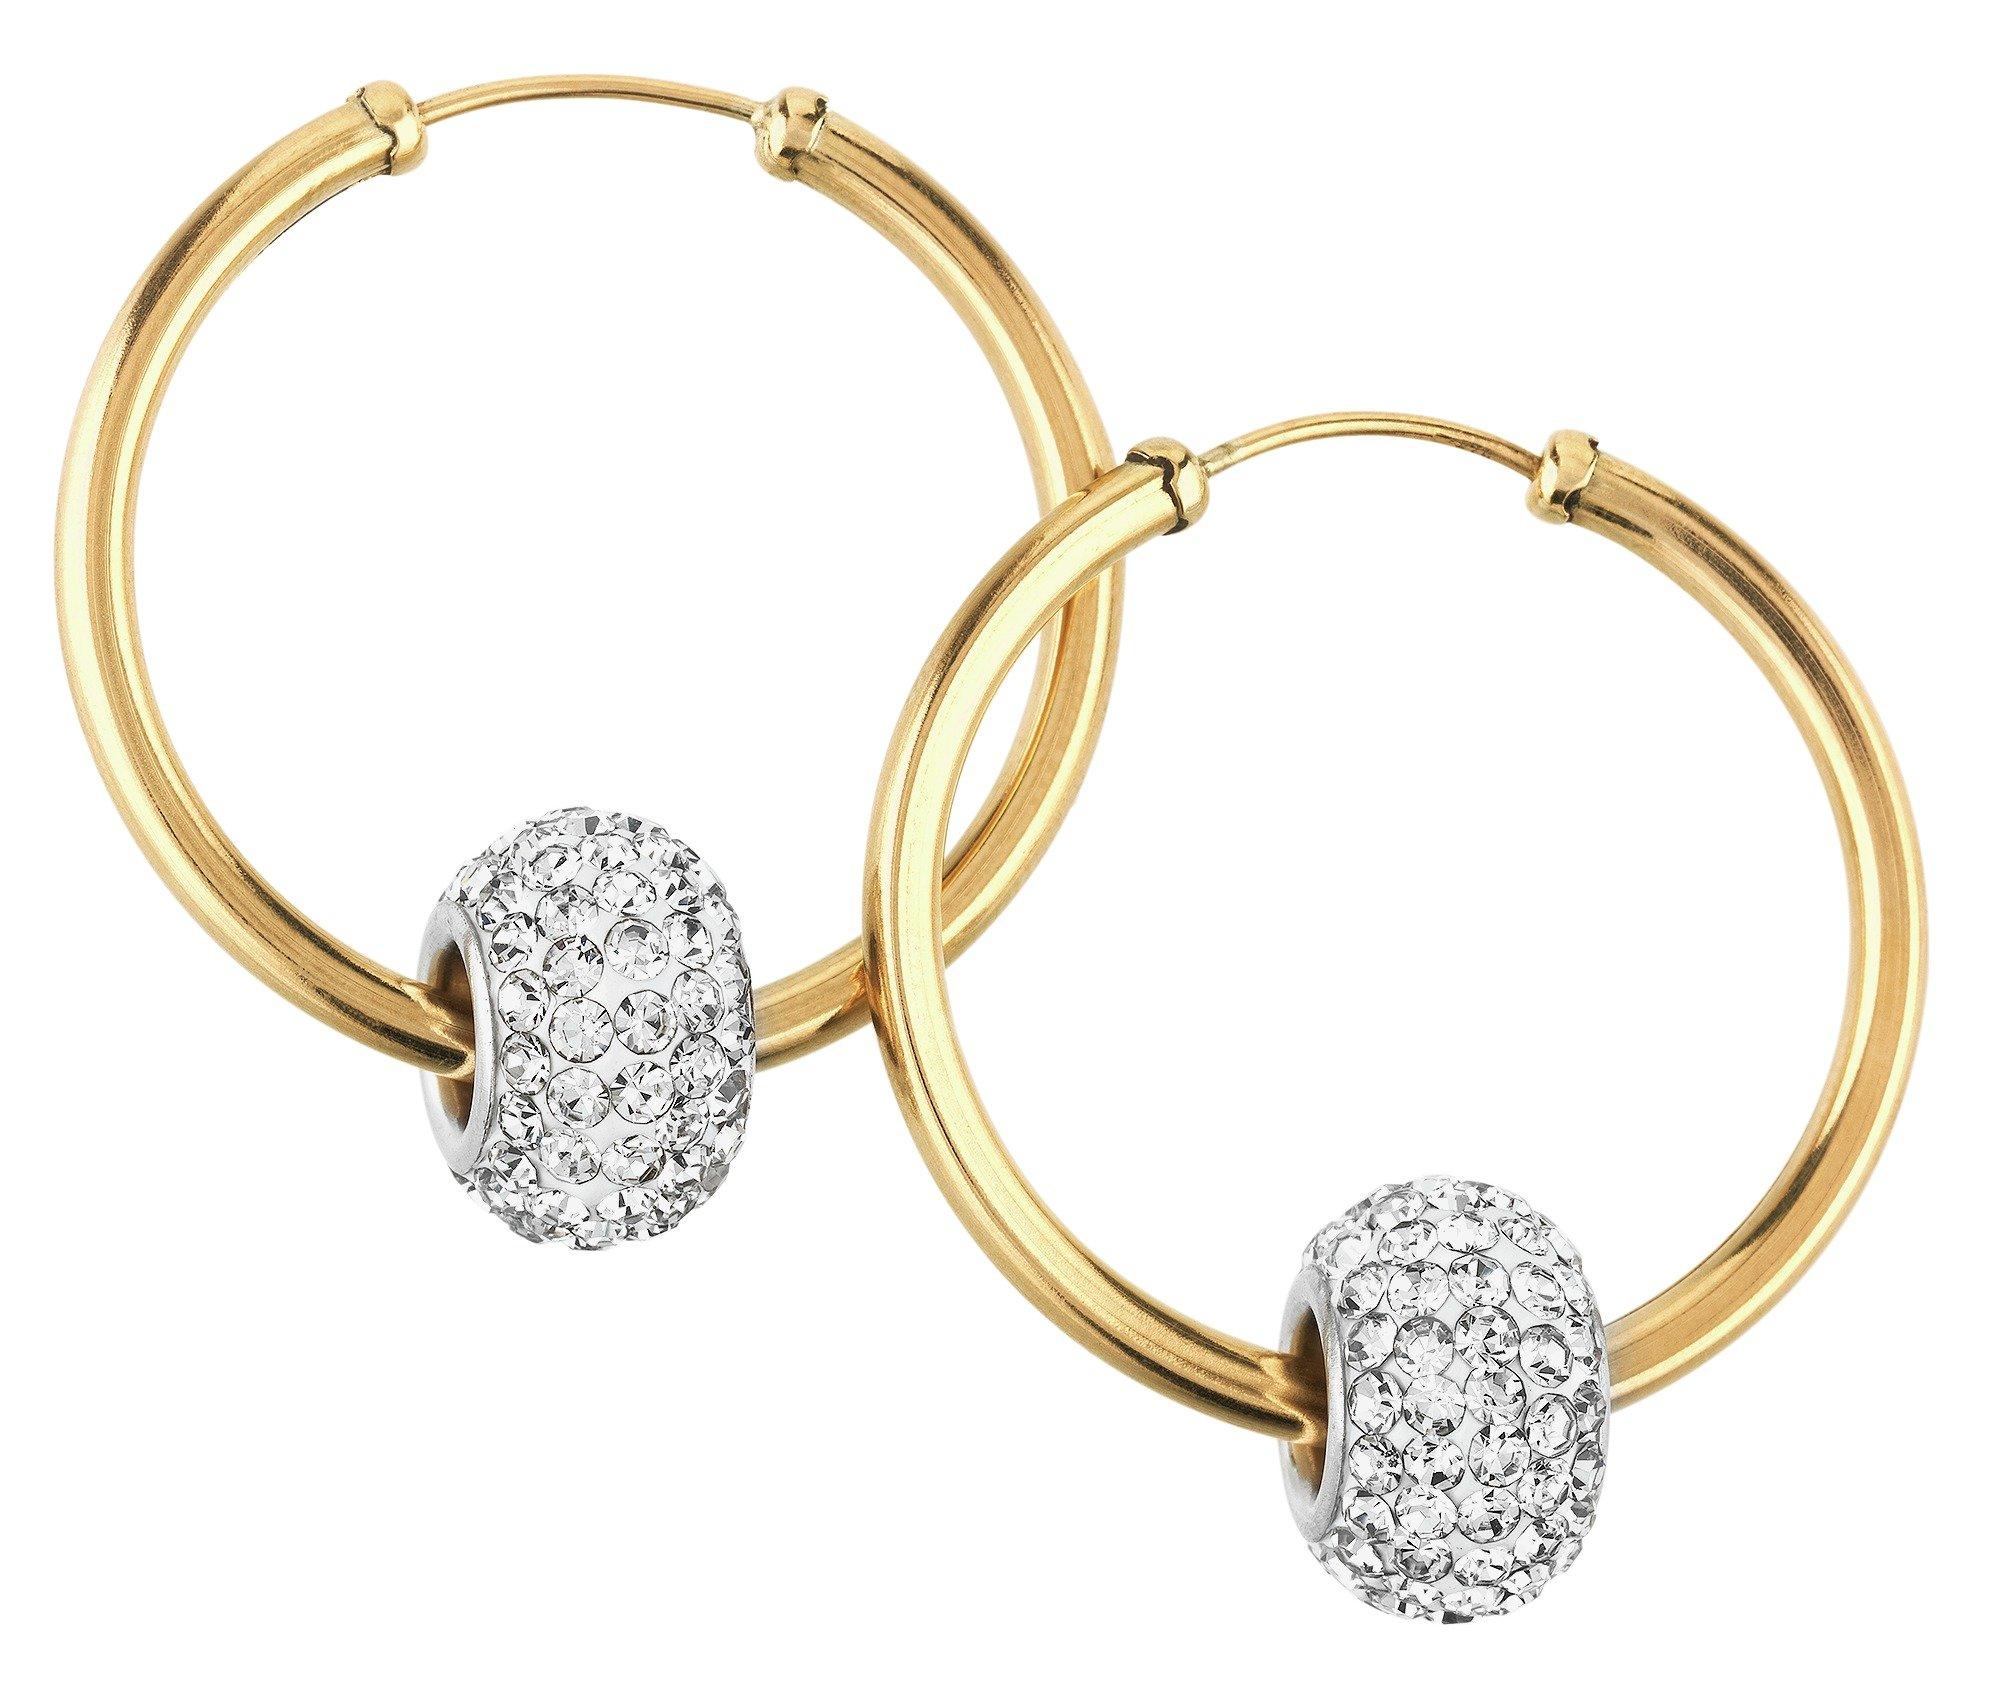 Buy Revere 9ct Gold Crystal Glitter Slider Hoop Earrings at Argos